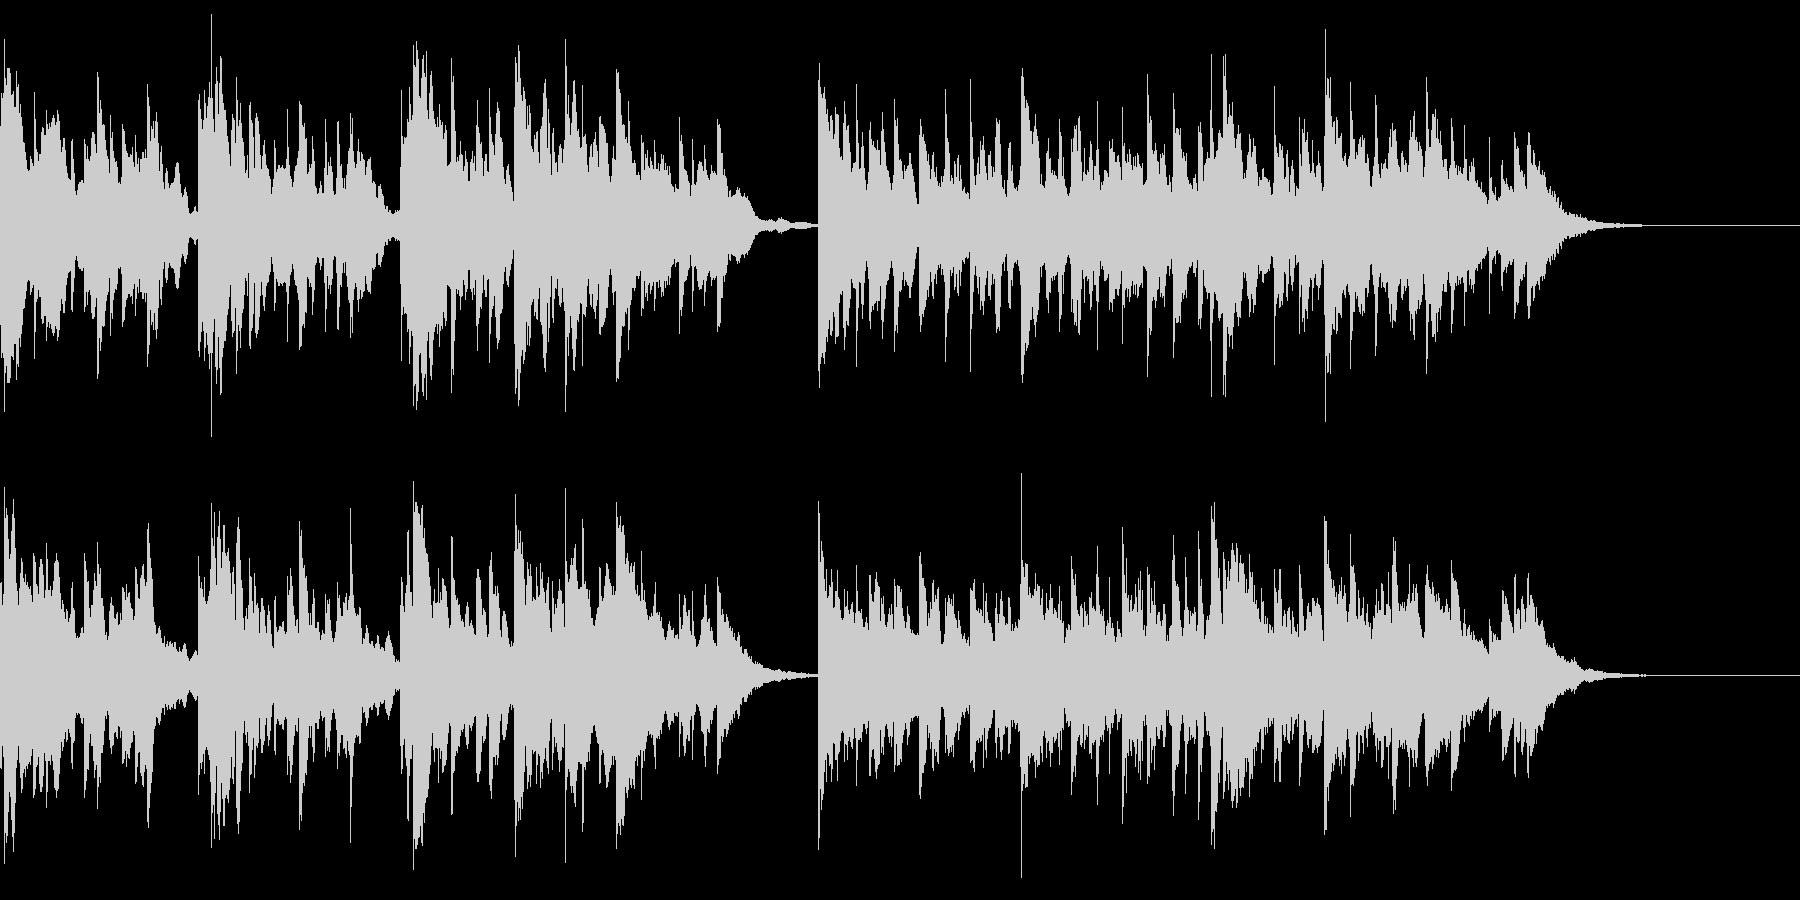 動画のBGM用に作成した小曲です。の未再生の波形